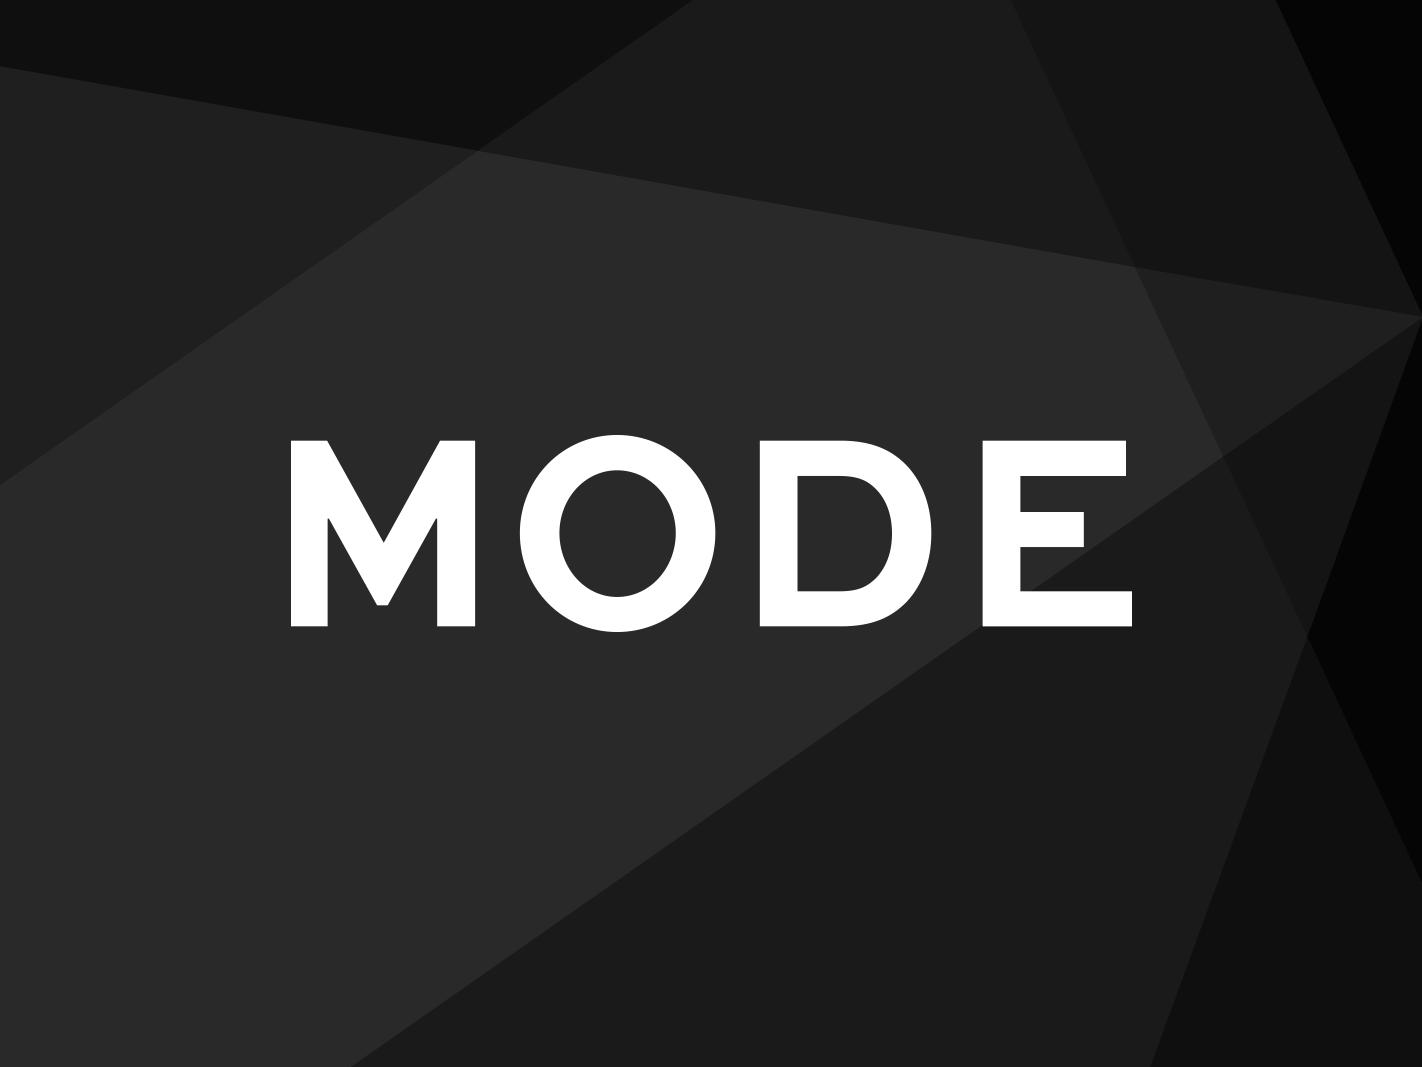 Mode_a.jpg